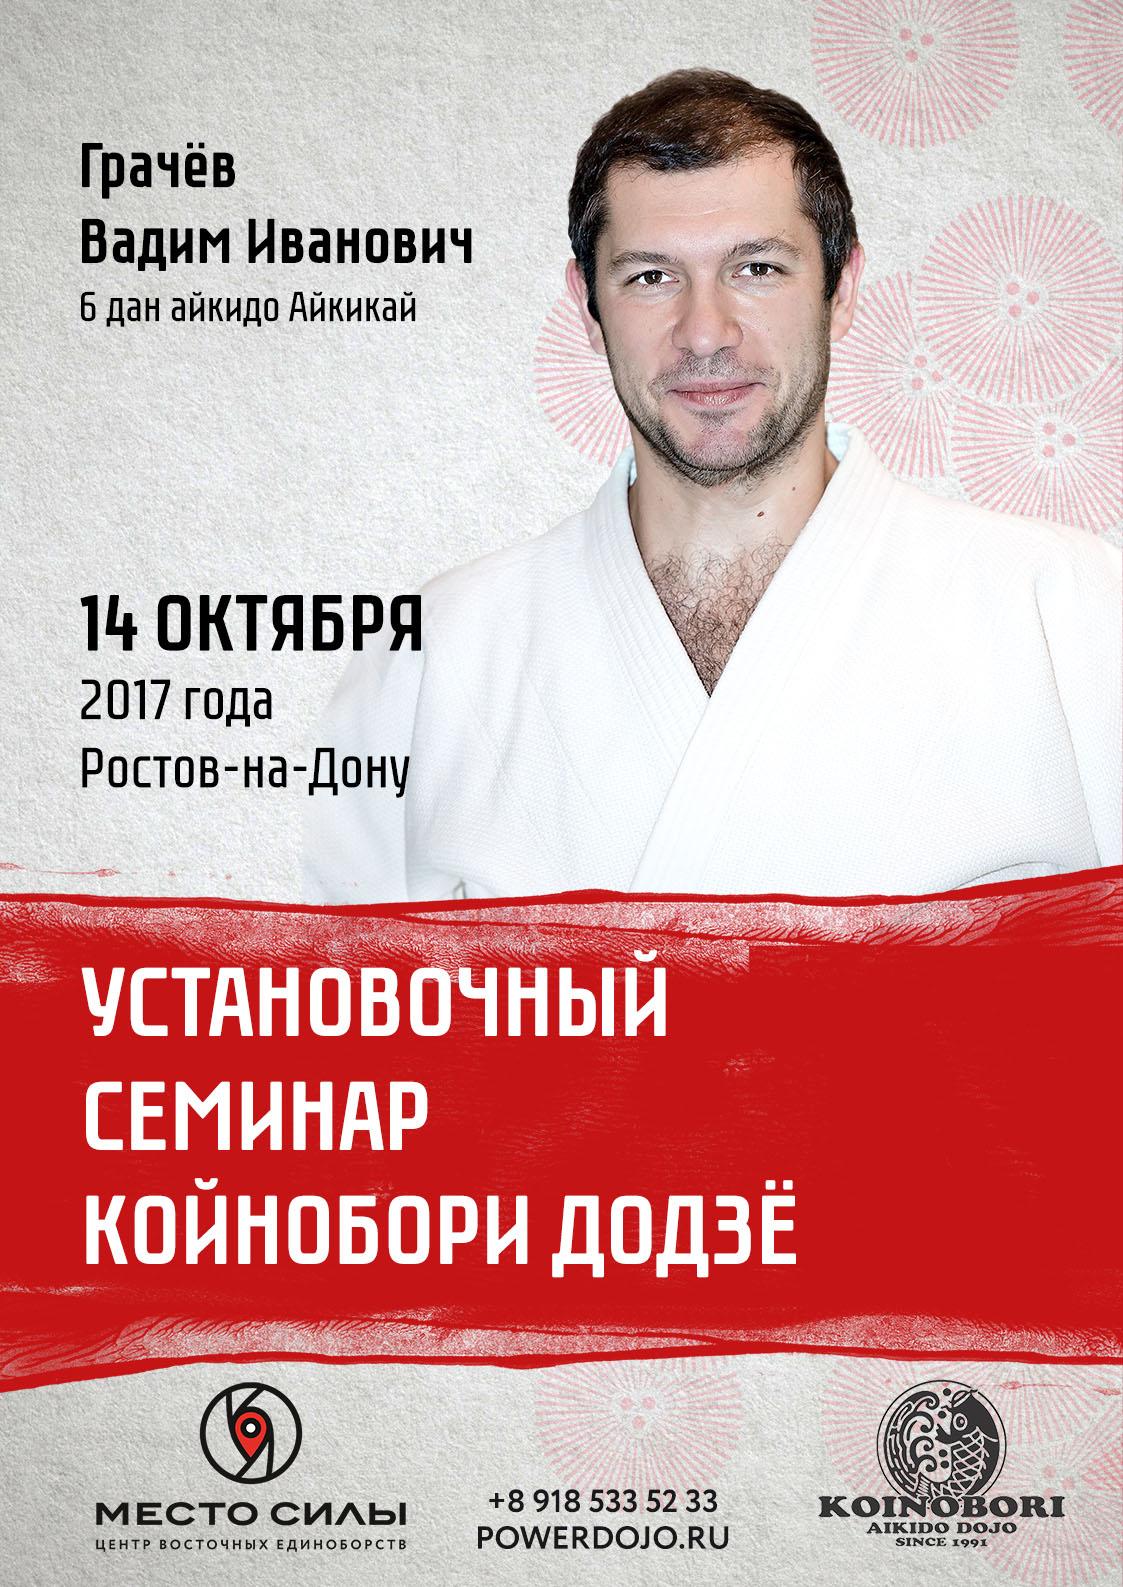 Аттестационный семинар по айкидо Койнобори Додзё в Ростове-на-Дону